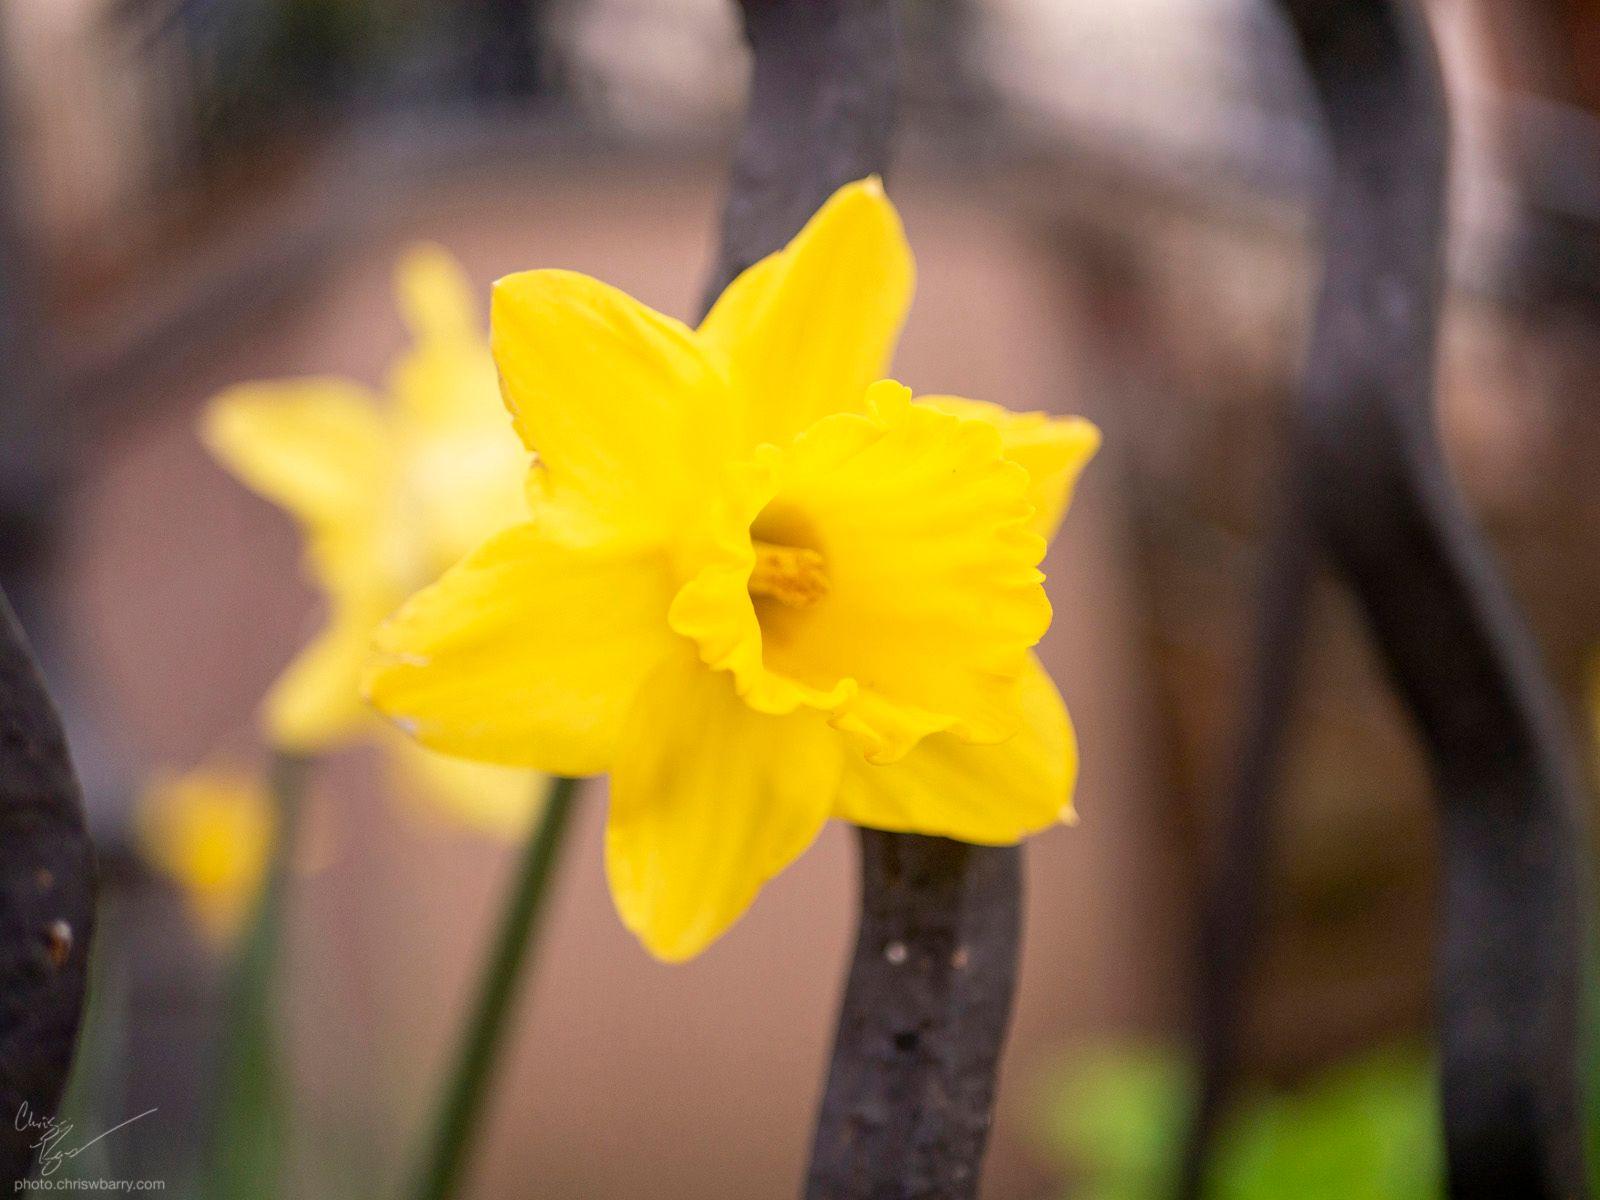 5-3-20: Daffodil